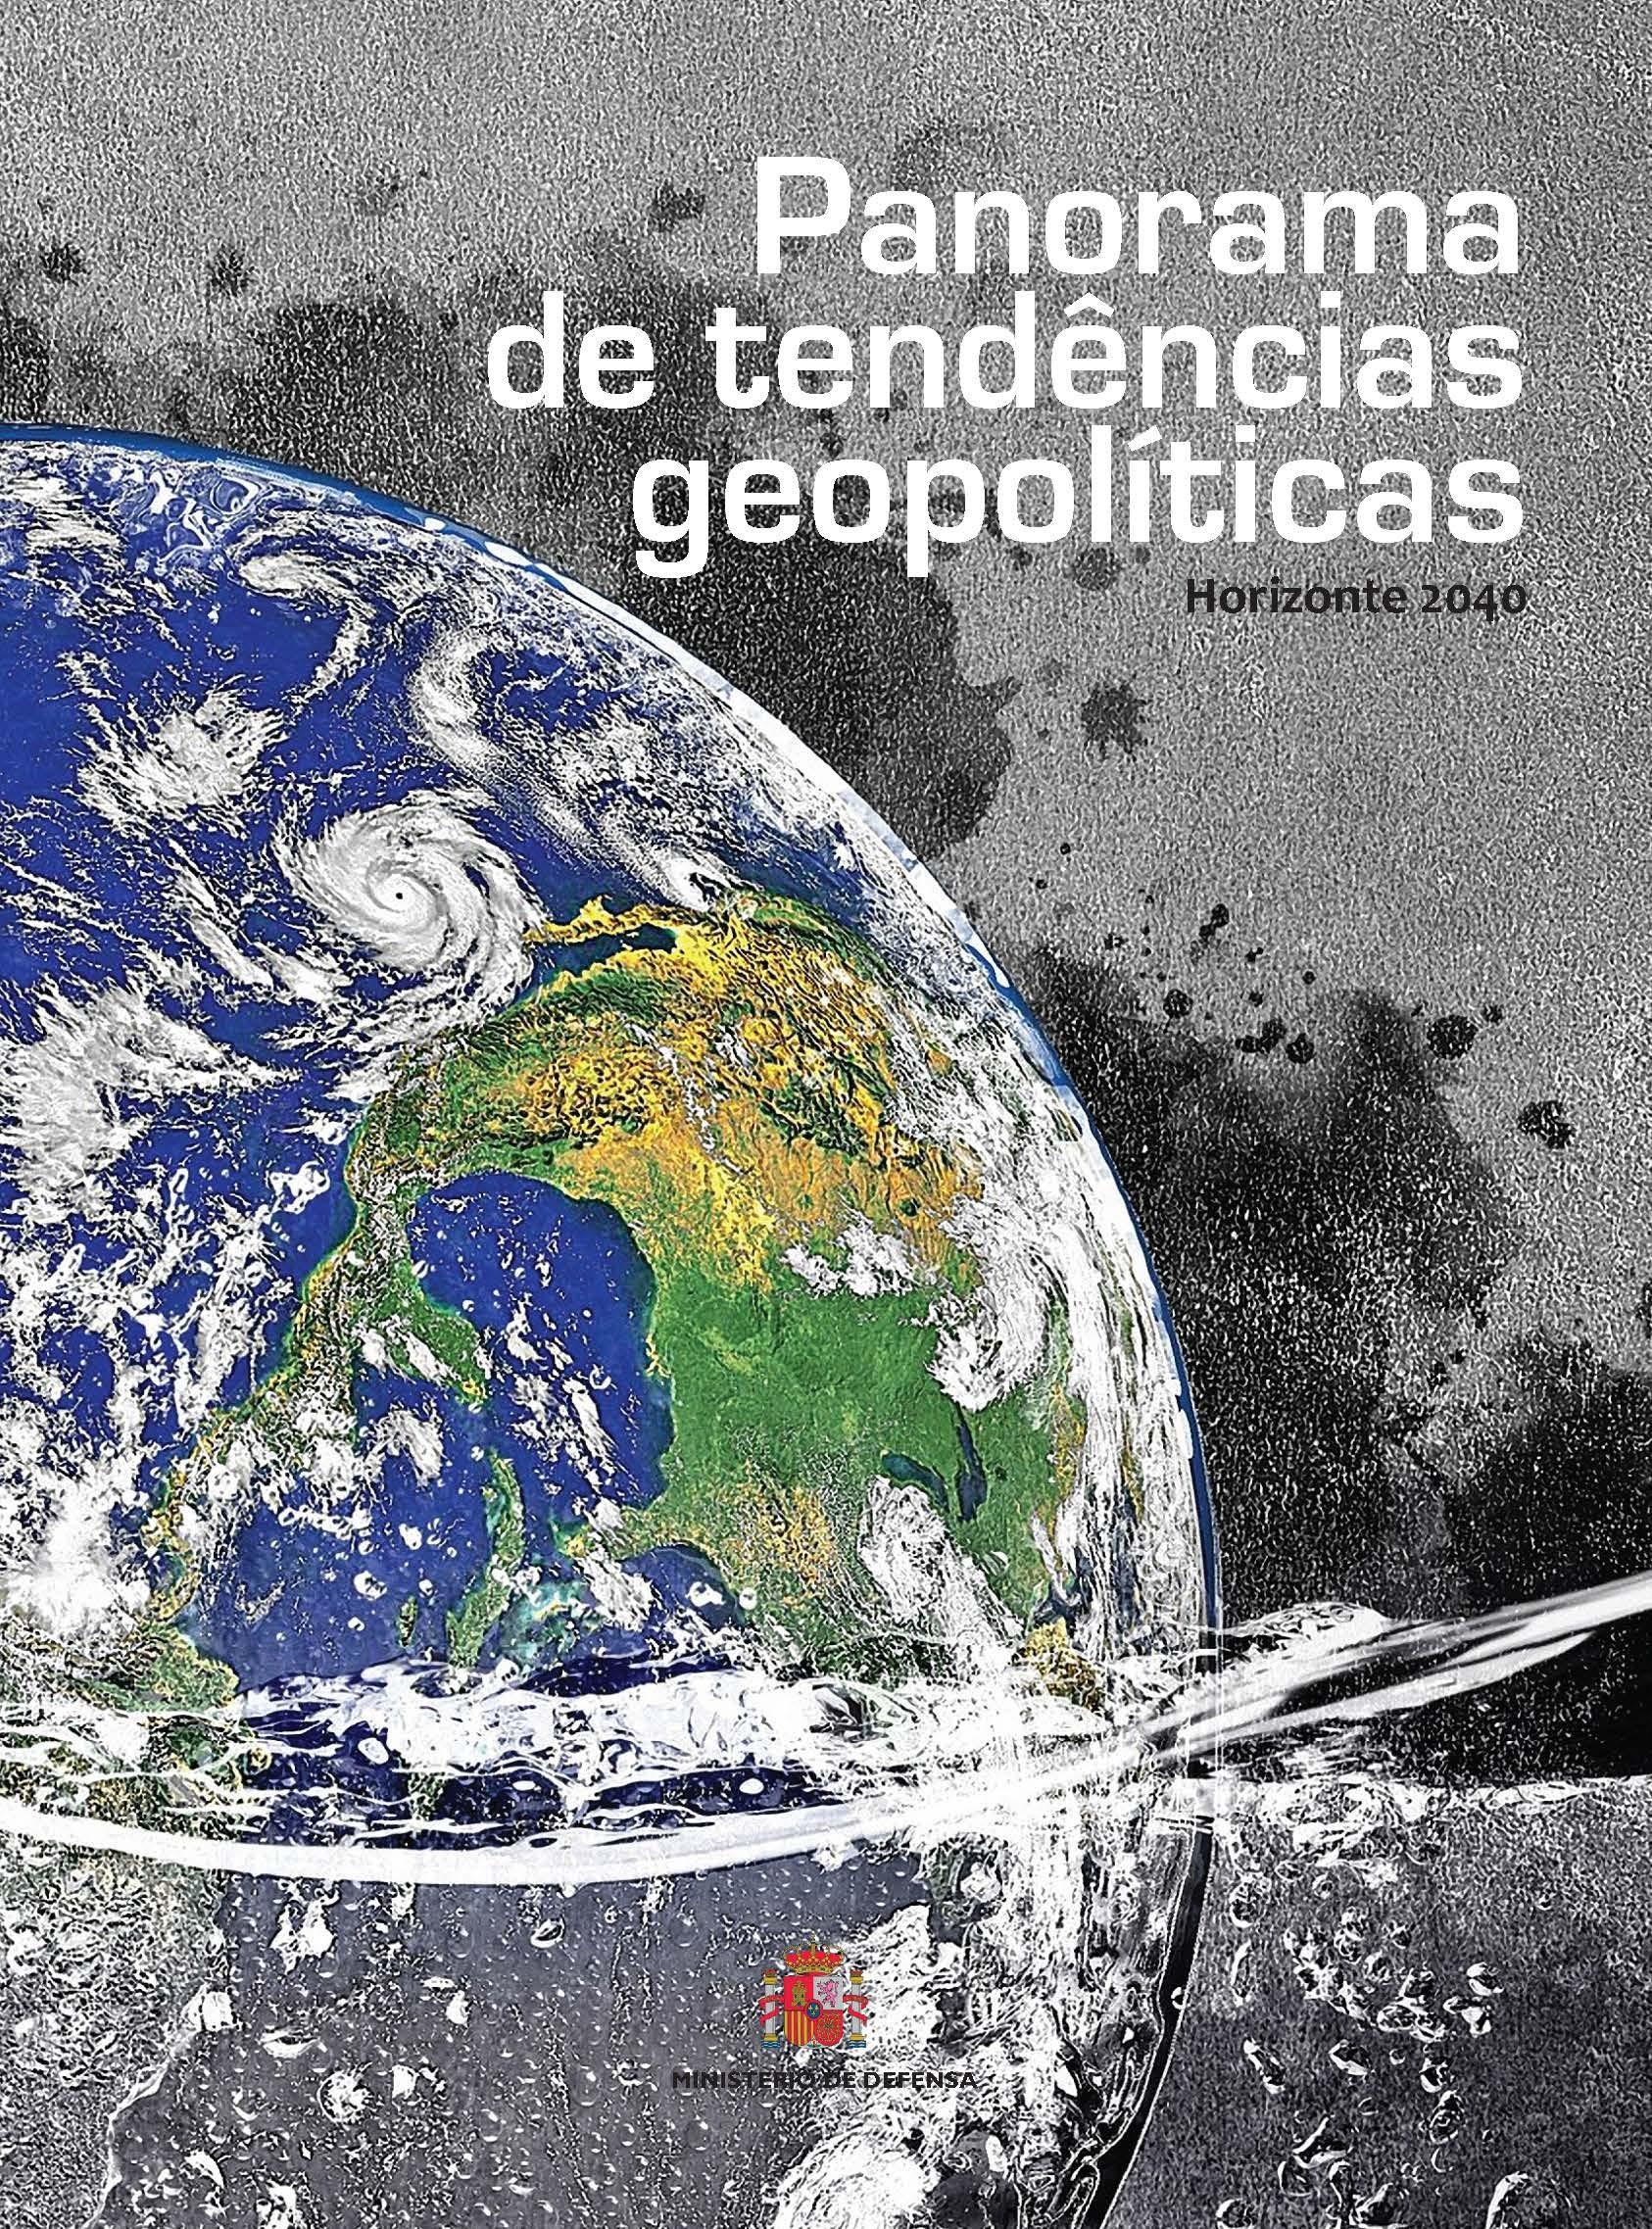 Panorama de tendências geopolíticas. Horizonte 2040